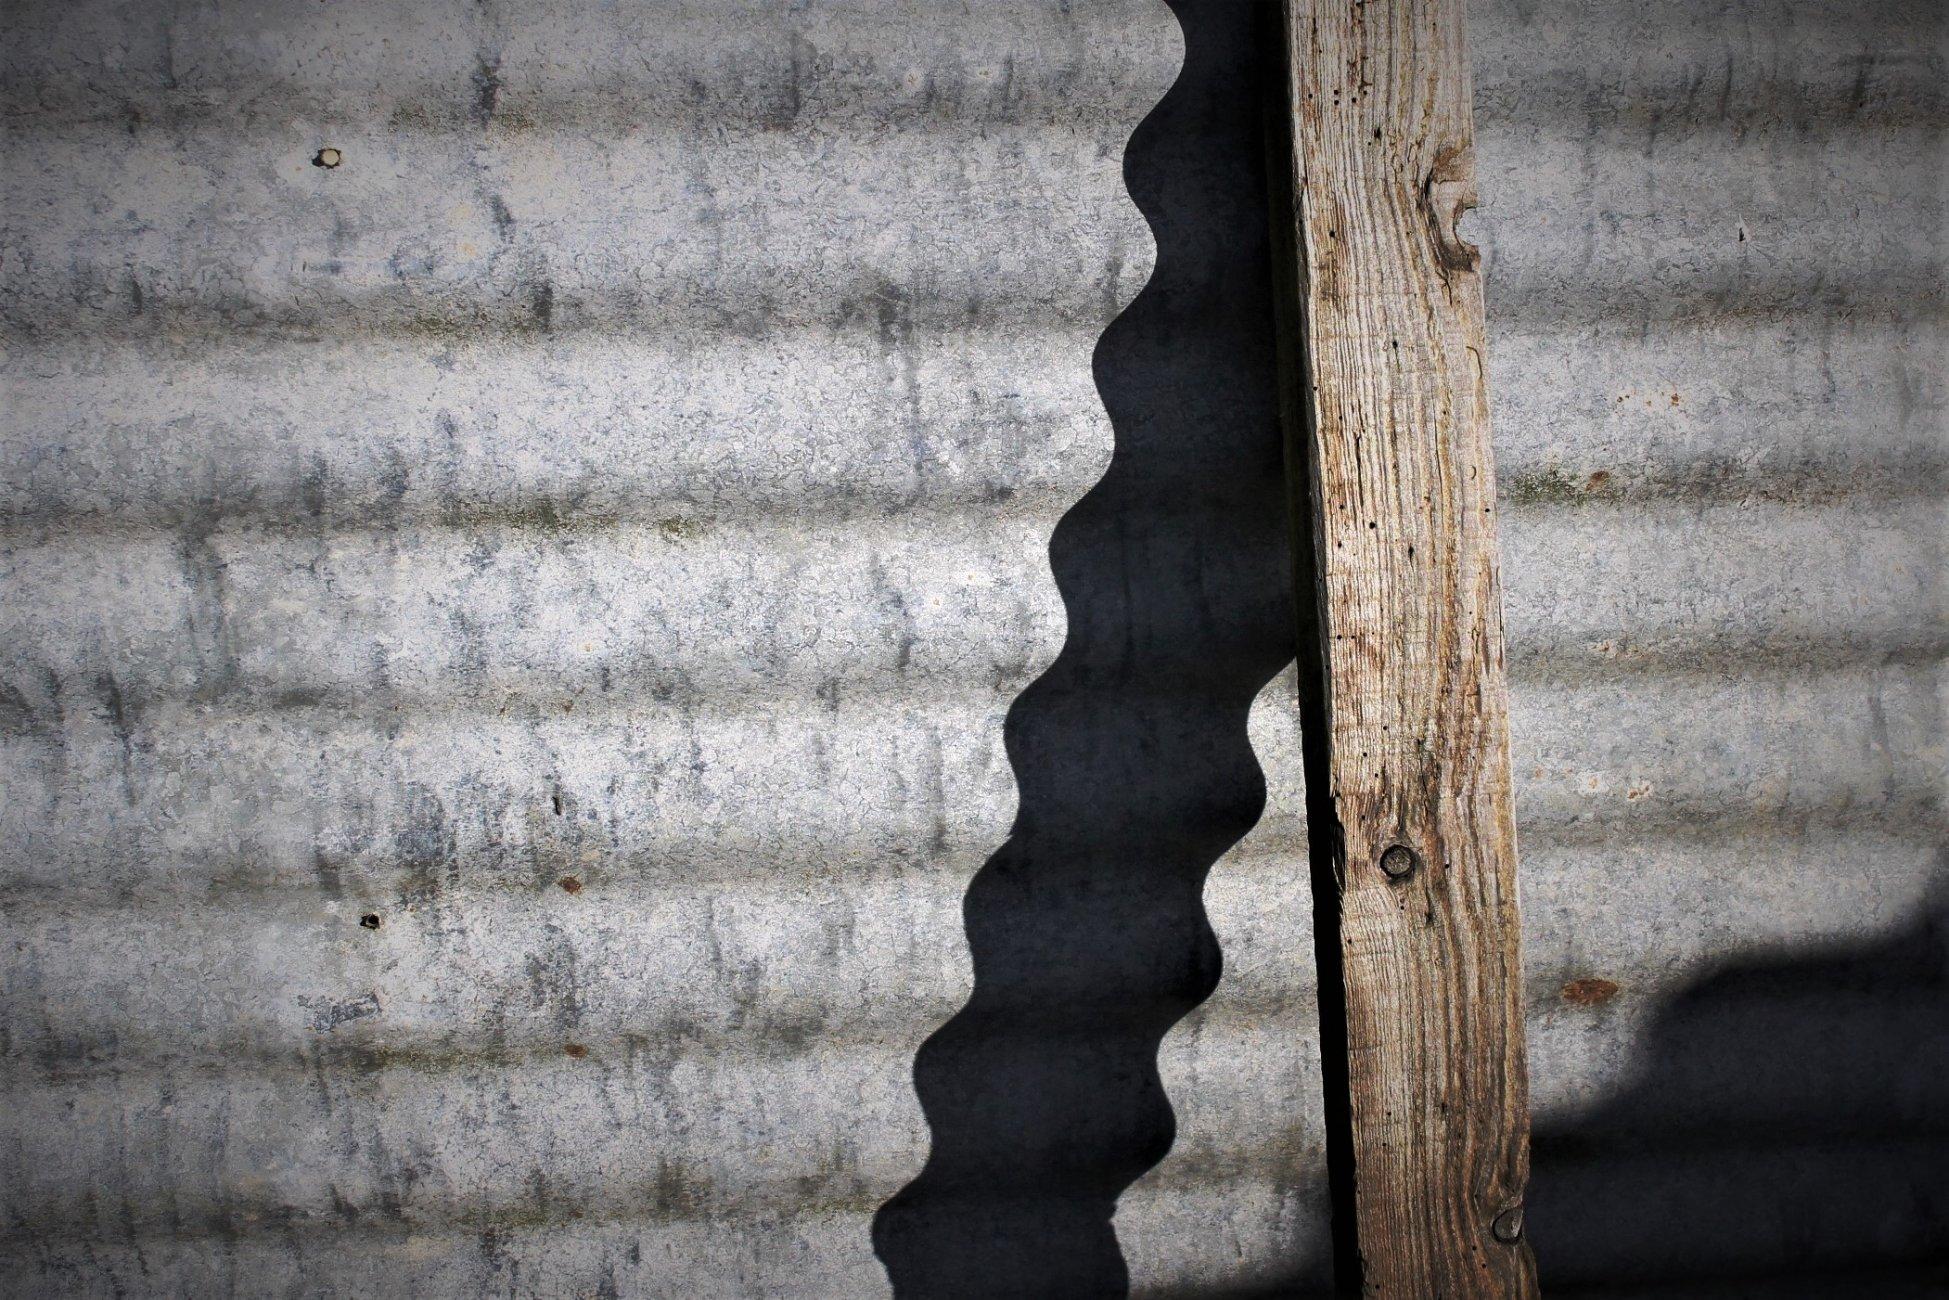 On corrugated iron